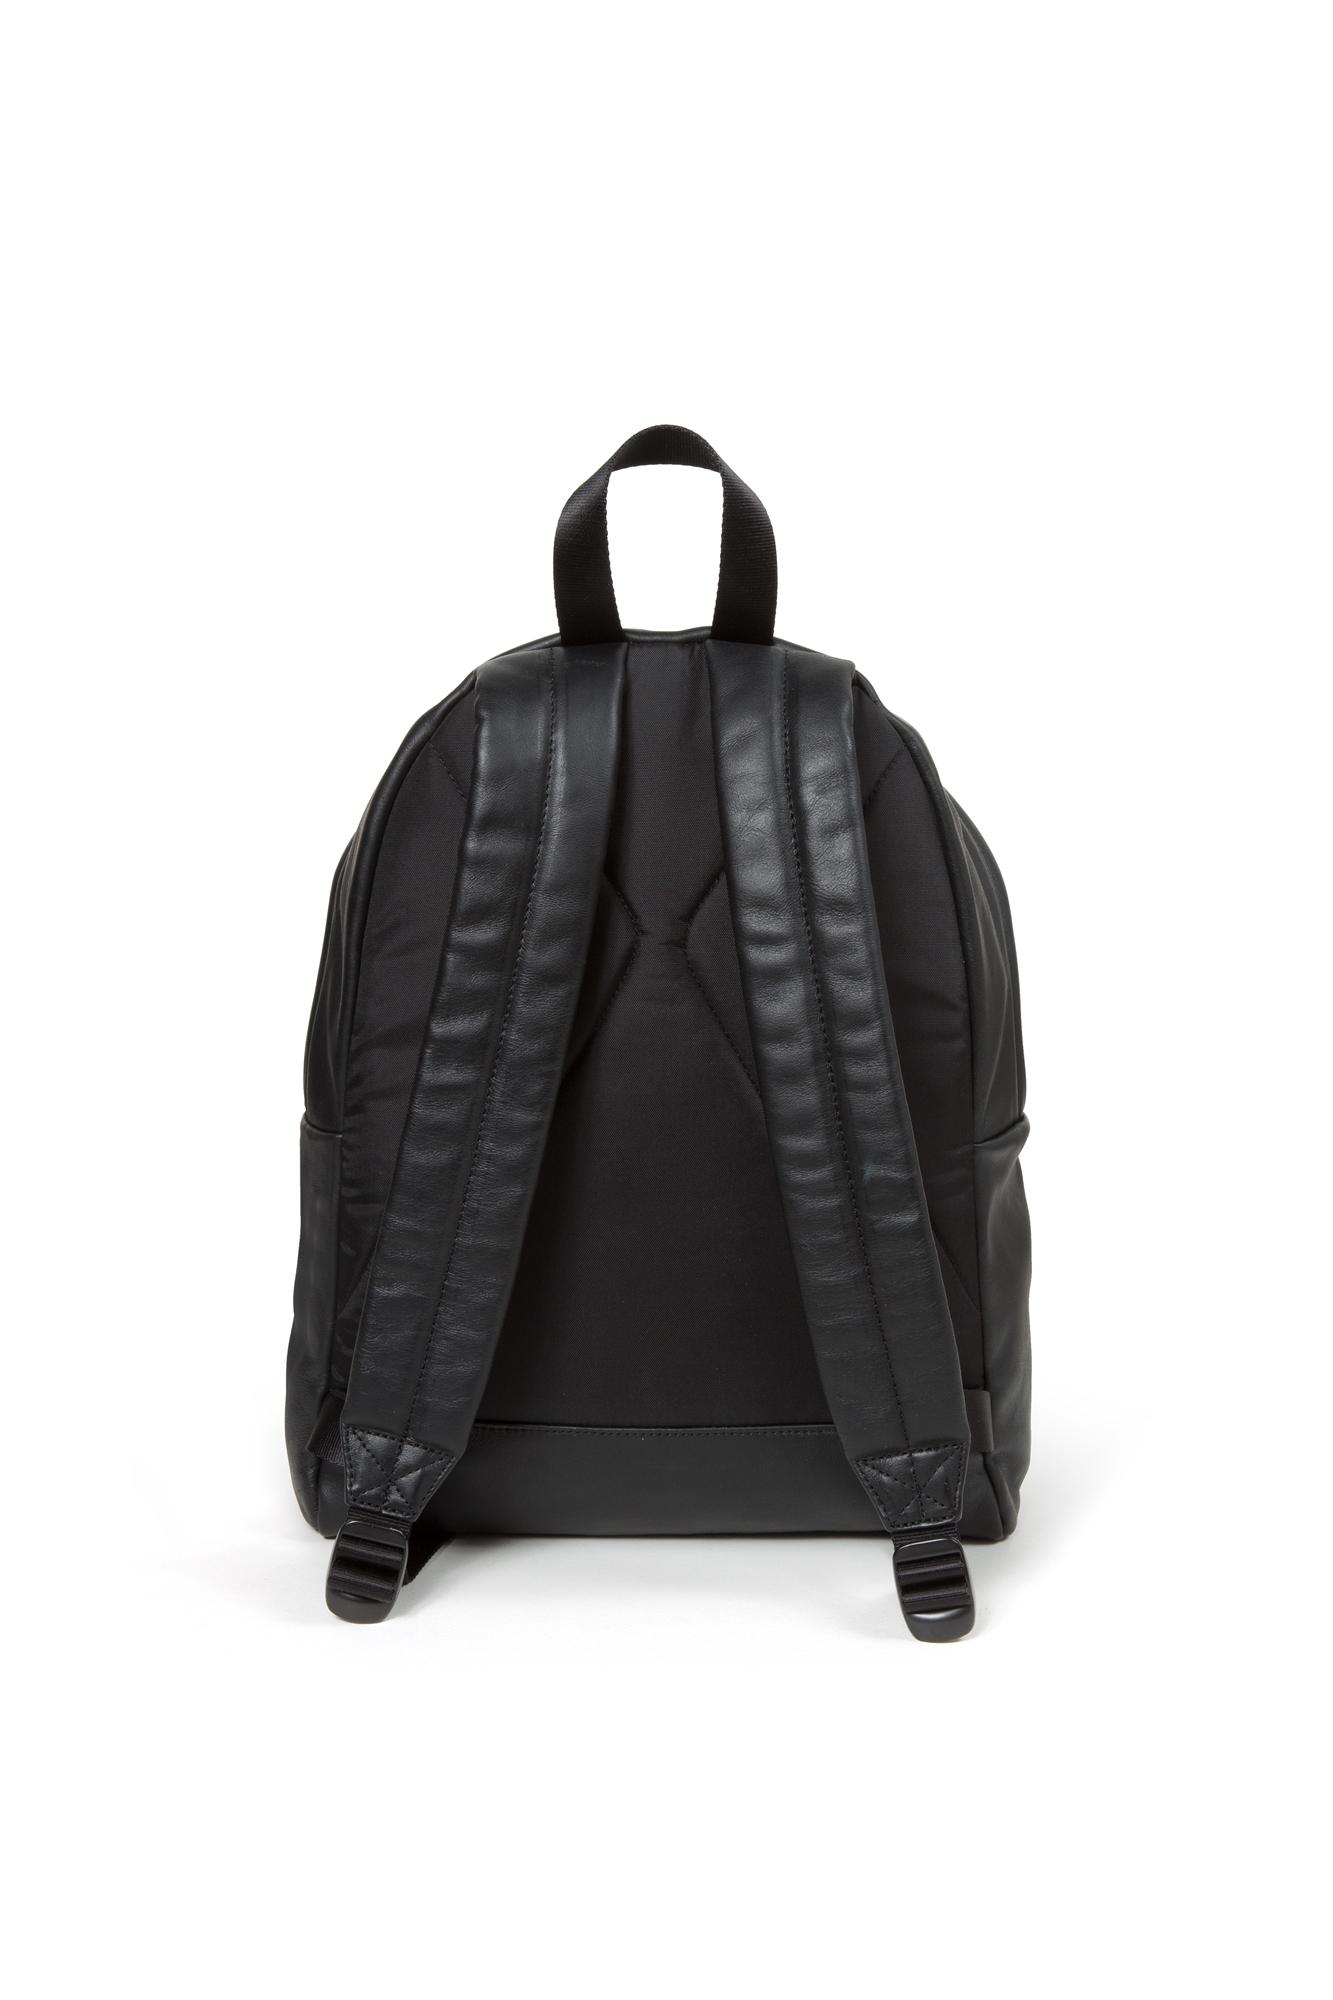 Leather Eastpak Backpack: Bags Backpack Eastpak Unisex Leather Black EK62066O